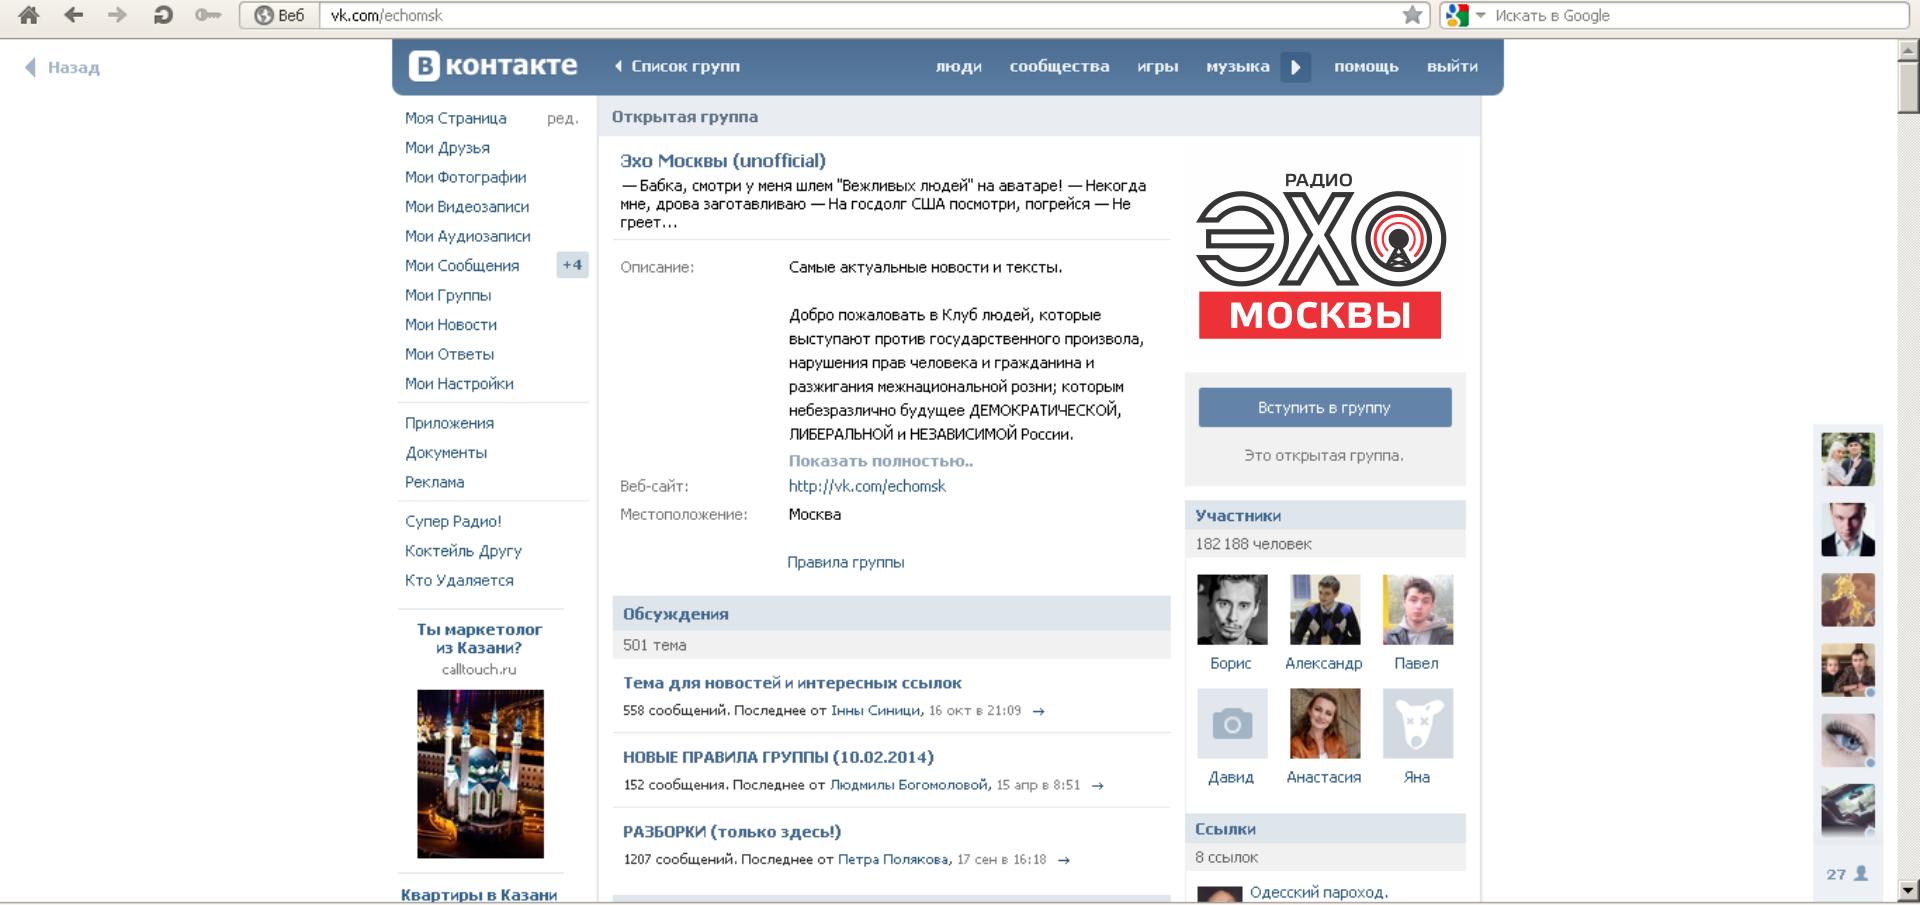 Дизайн логотипа р/с Эхо Москвы. фото f_3365625e47cb35fb.png